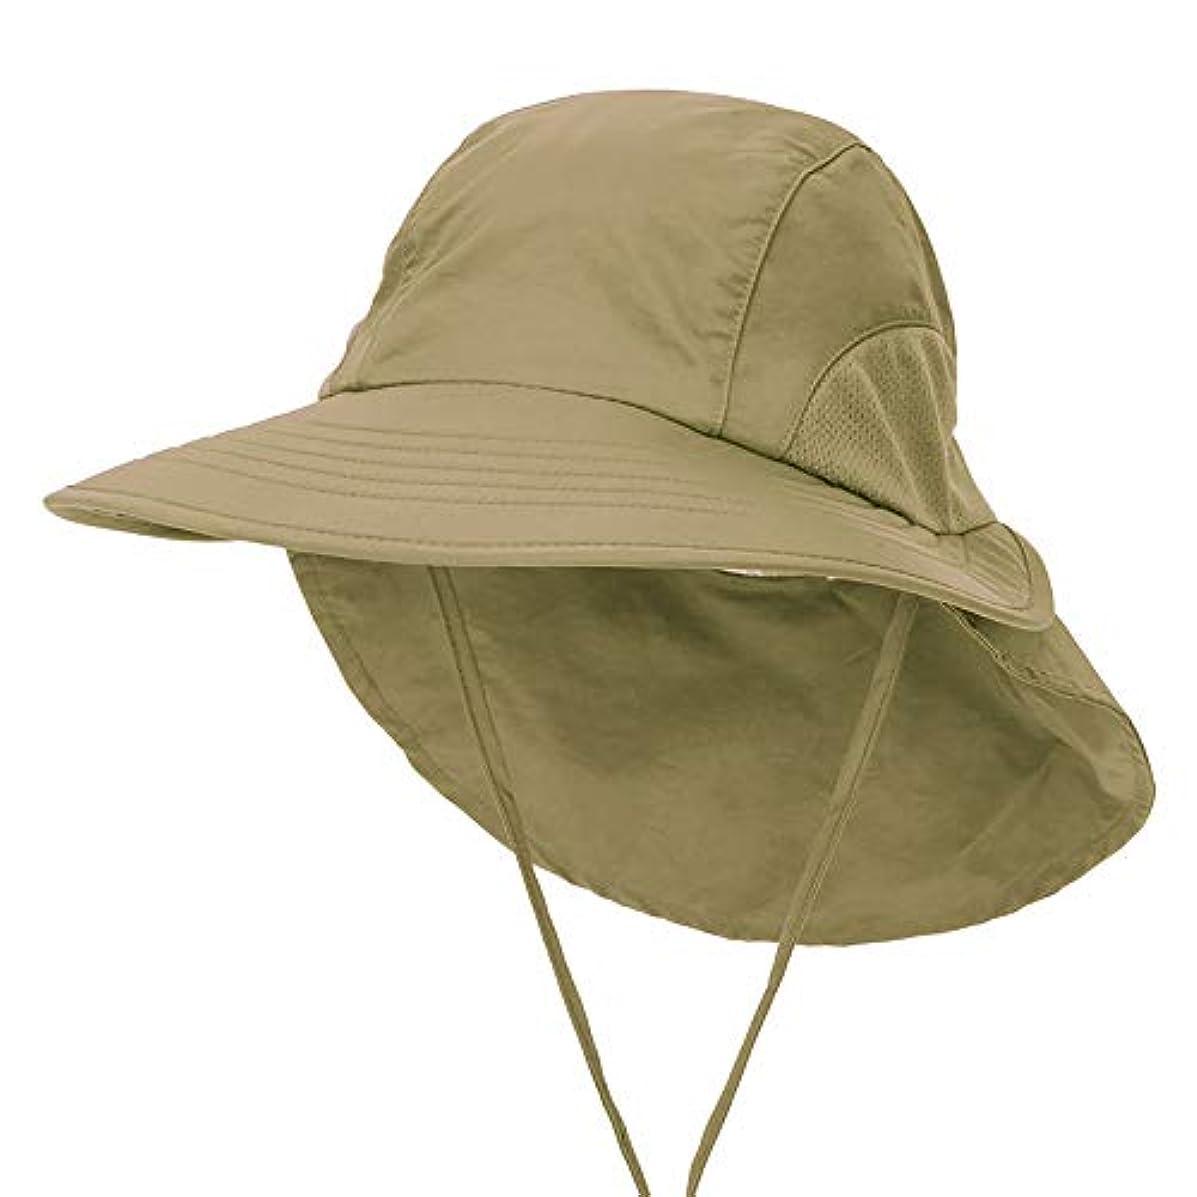 数字調べるコンチネンタル首の折り返し、サファリのための広いつばの帽子、釣り、ハイキング、ビーチ、ゴルフ、ランニング、旅行